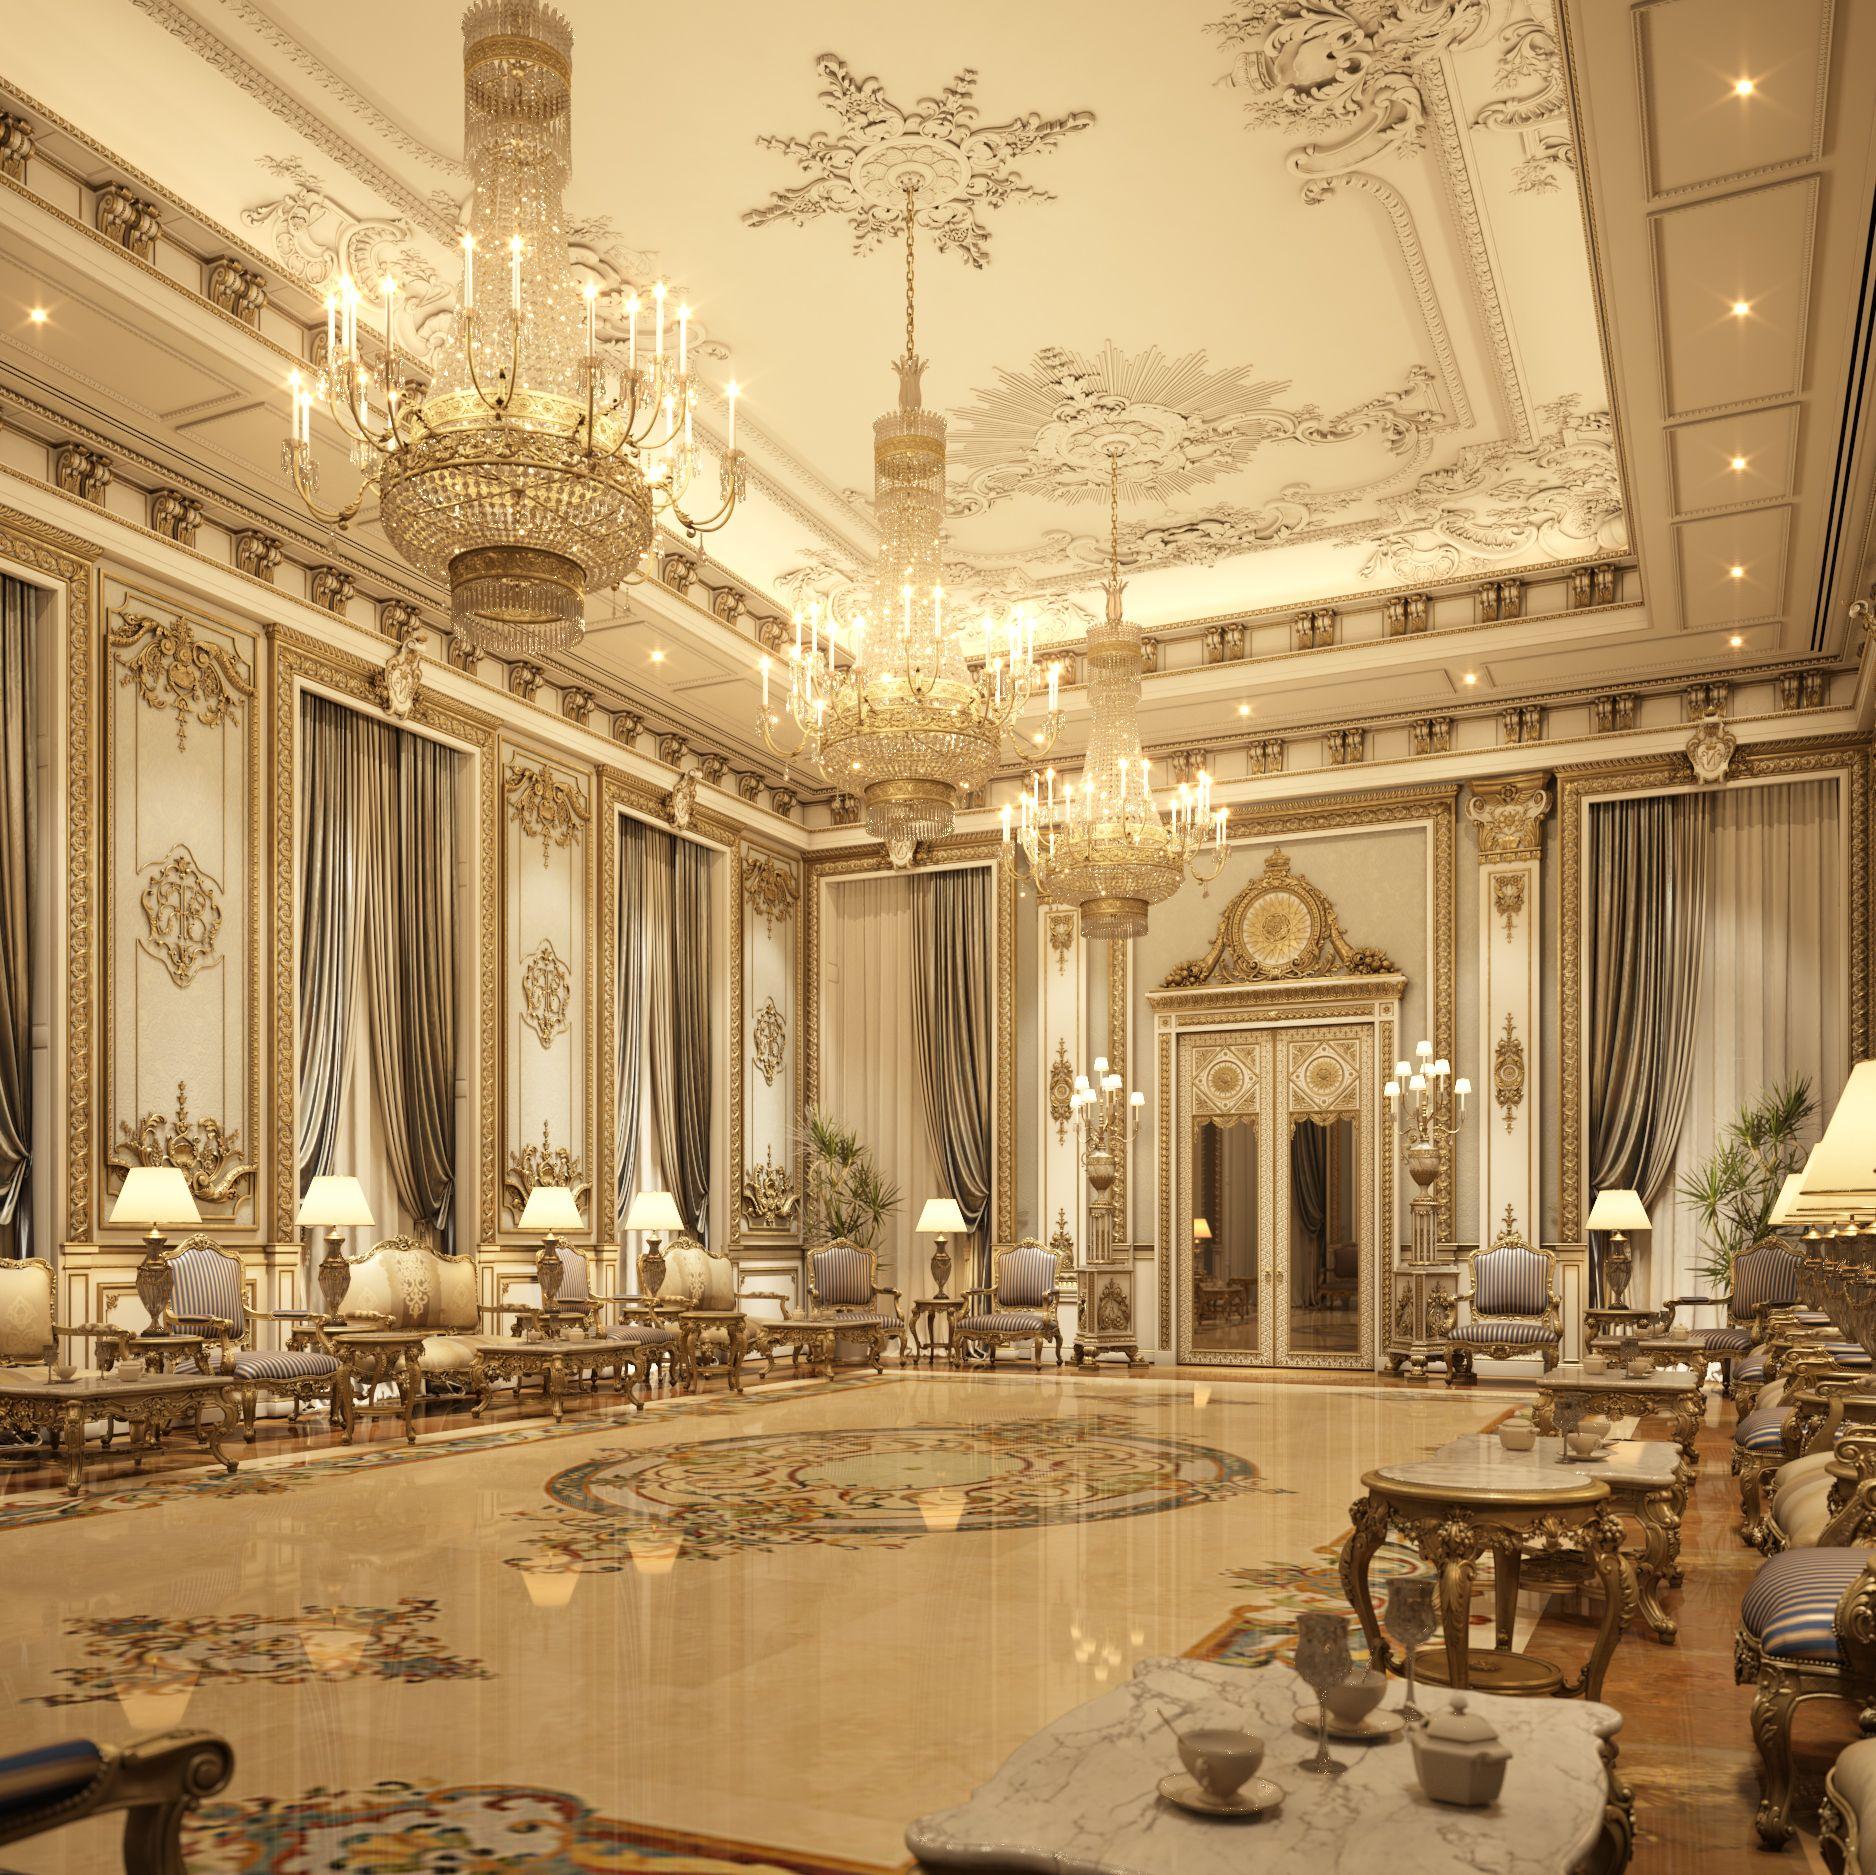 3D interior scene luxury living room - TurboSquid 1238792 ...